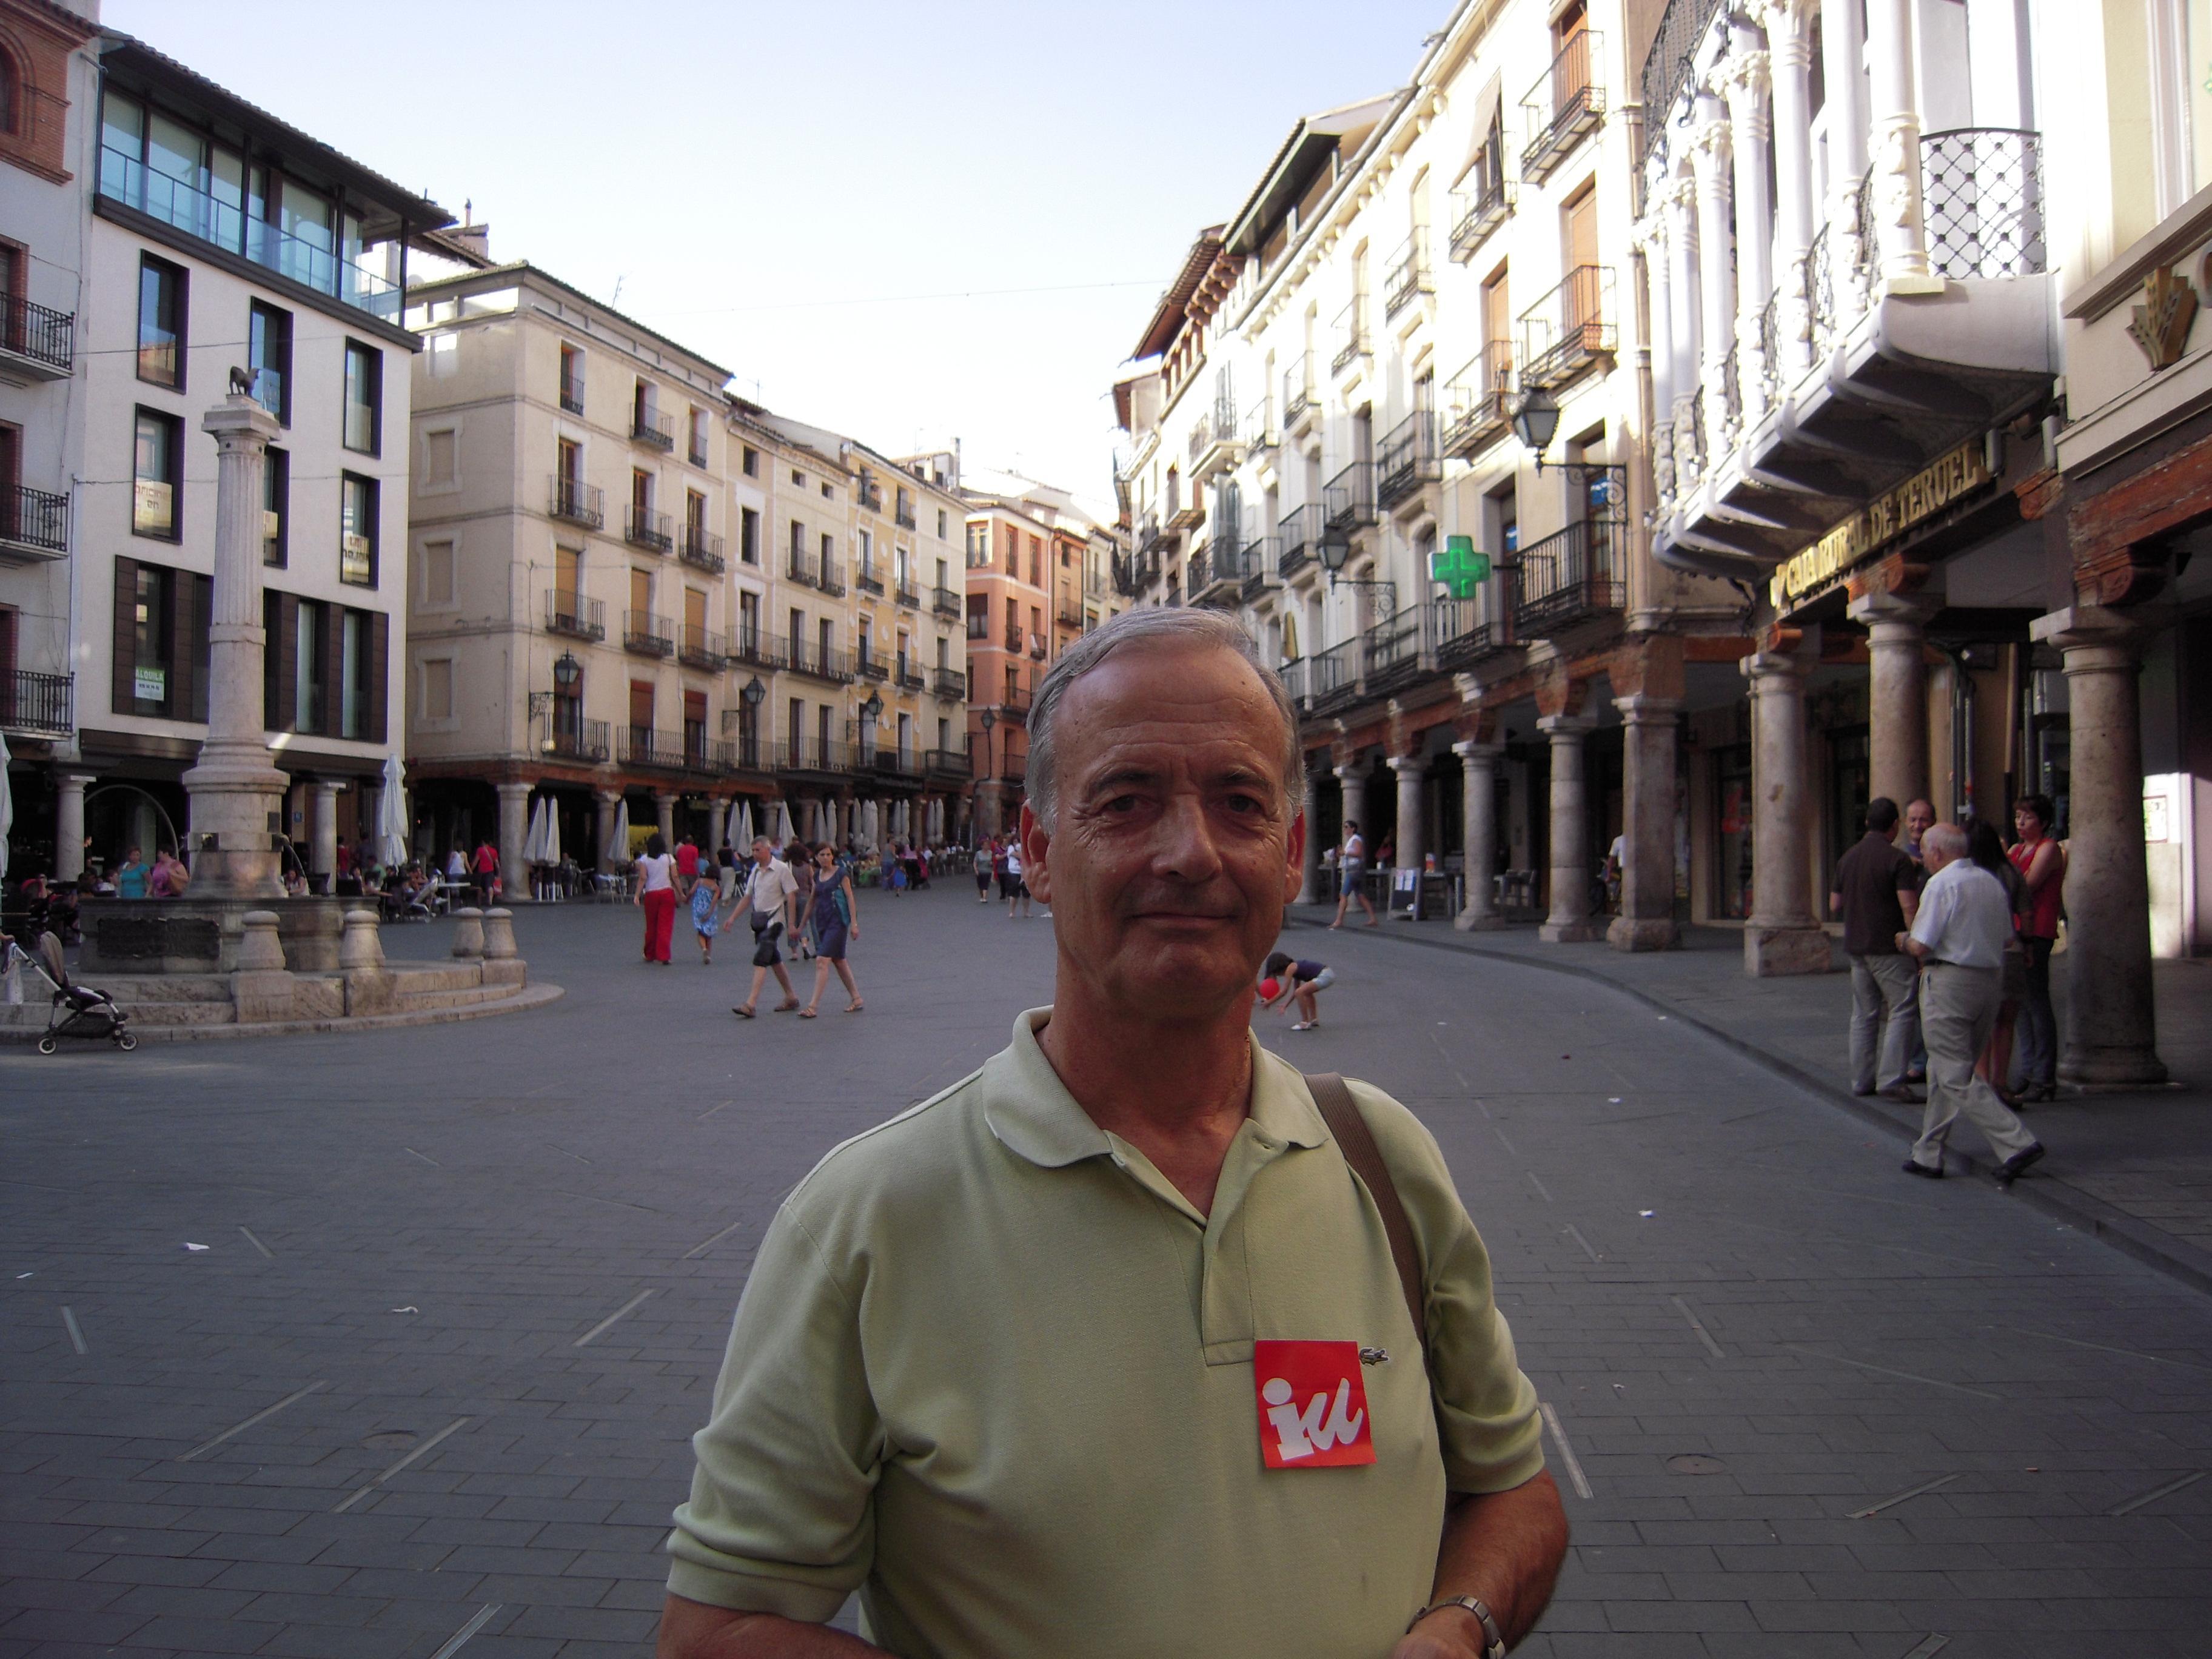 Pedimos la reparación urgente de la calle Bartolomé Esteban